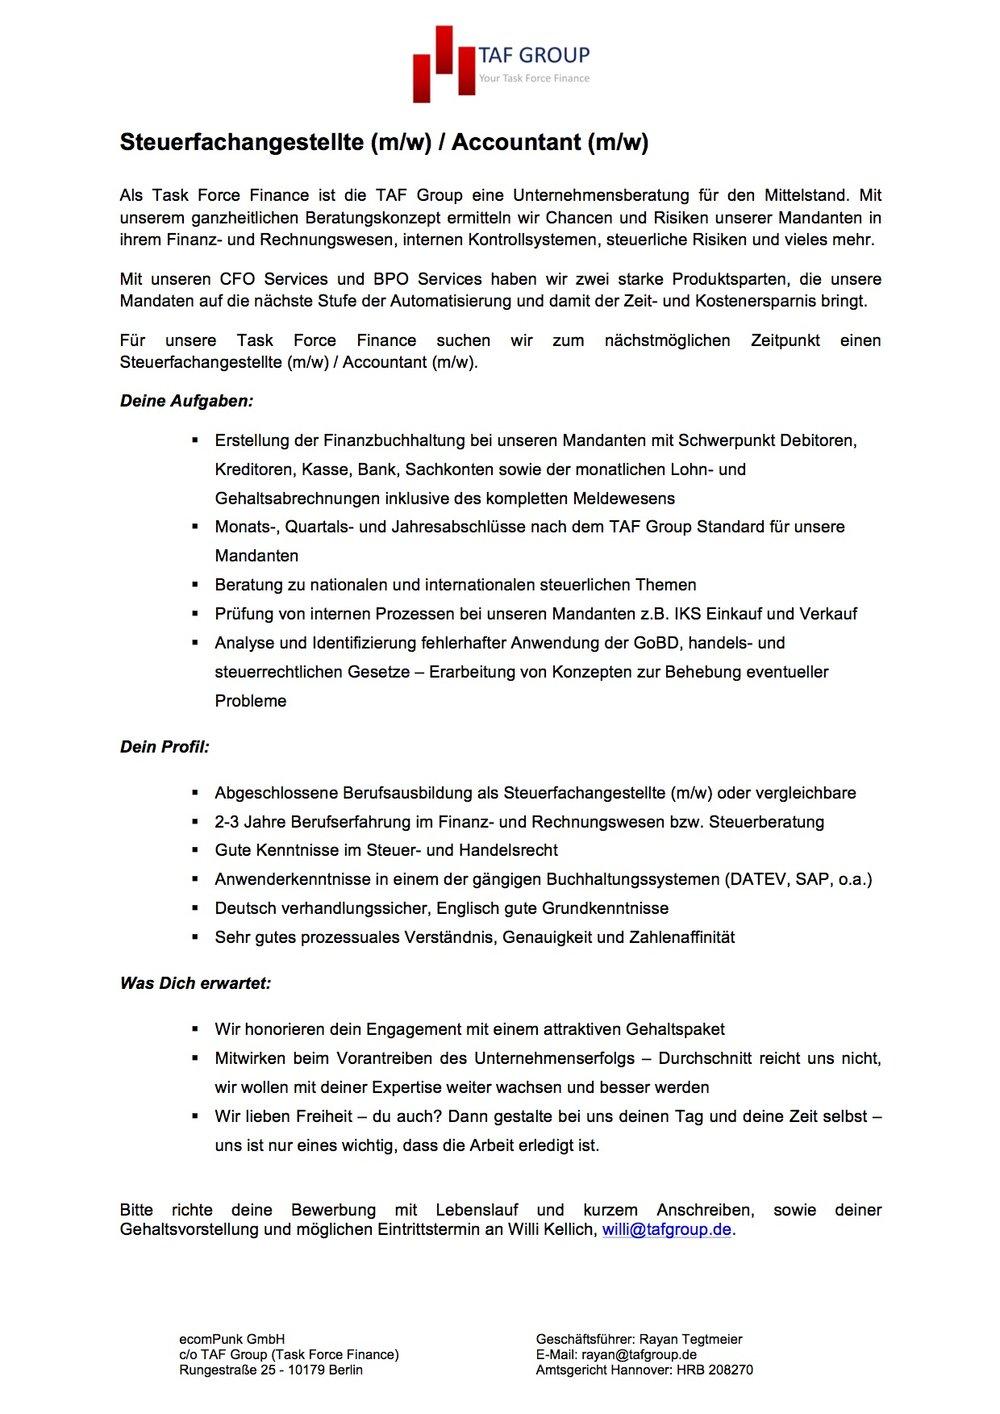 19_07_2017_Stellenanzeige_TAF Group_Steuerfachangestellte.jpg